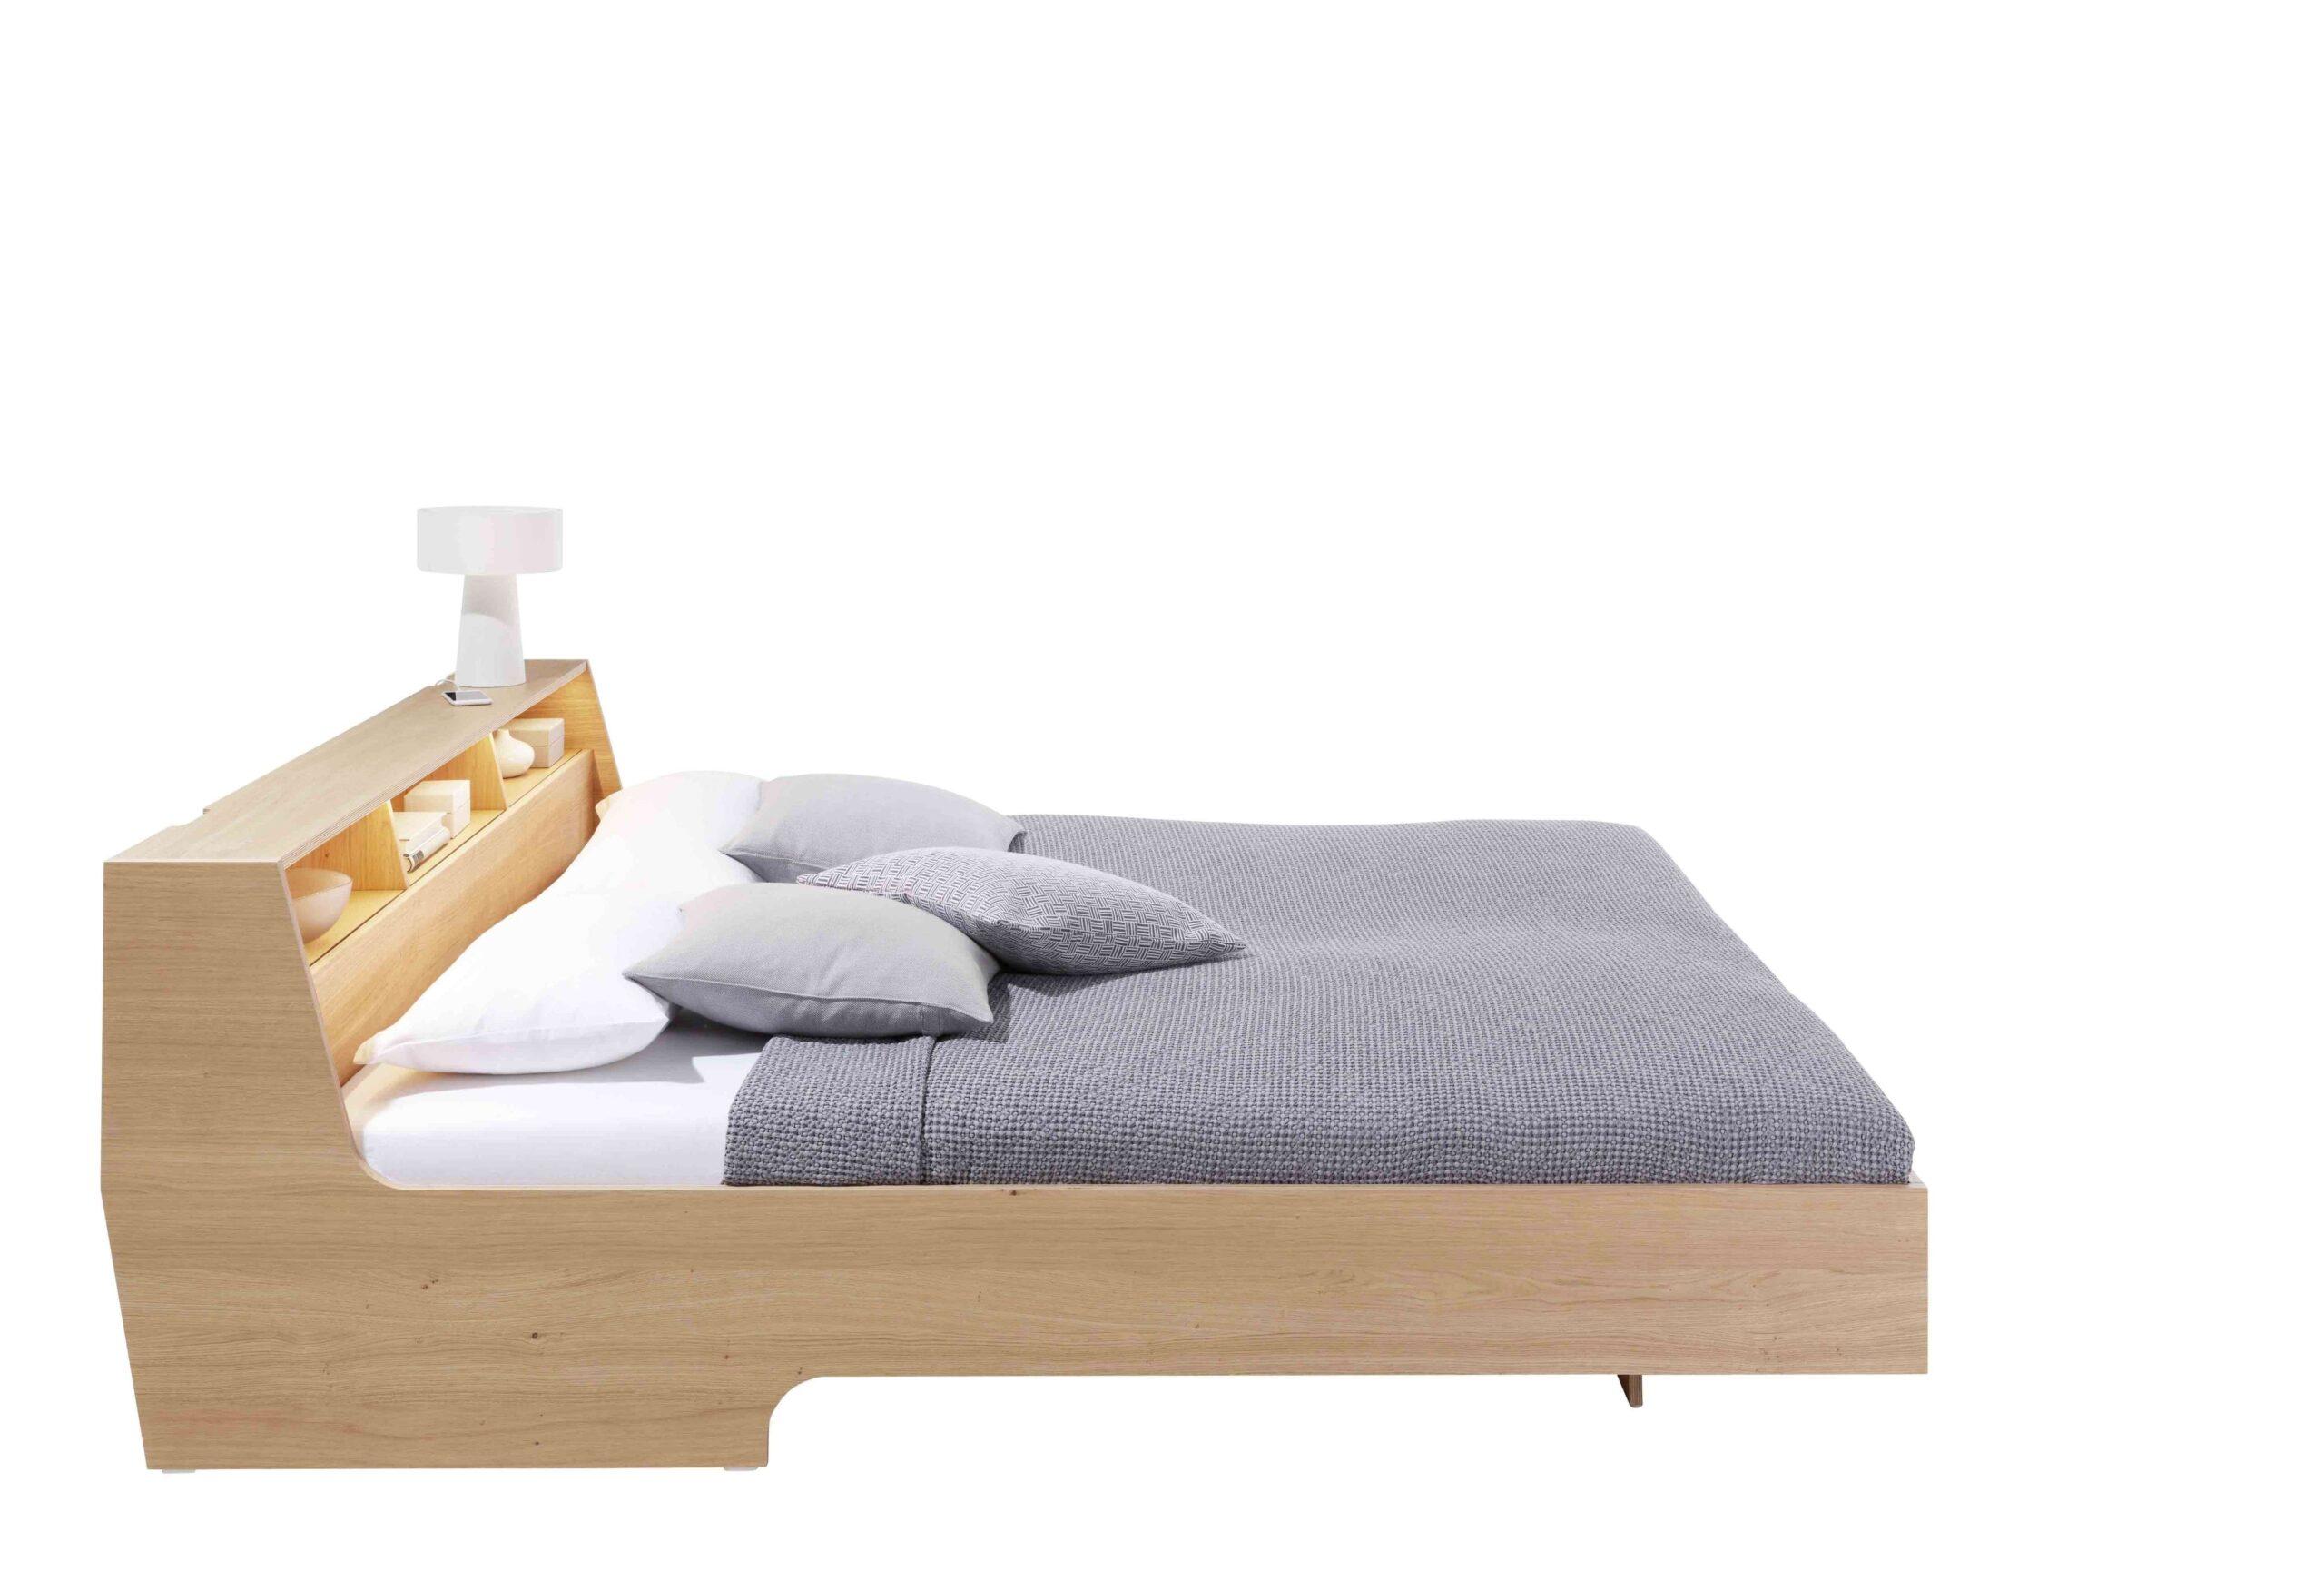 Full Size of Bonprix Betten Düsseldorf Ebay Hohe überlänge Schöne Musterring Jugend Schlafzimmer Kaufen Mädchen Ausgefallene Weiß Wohnzimmer Niedrige Betten